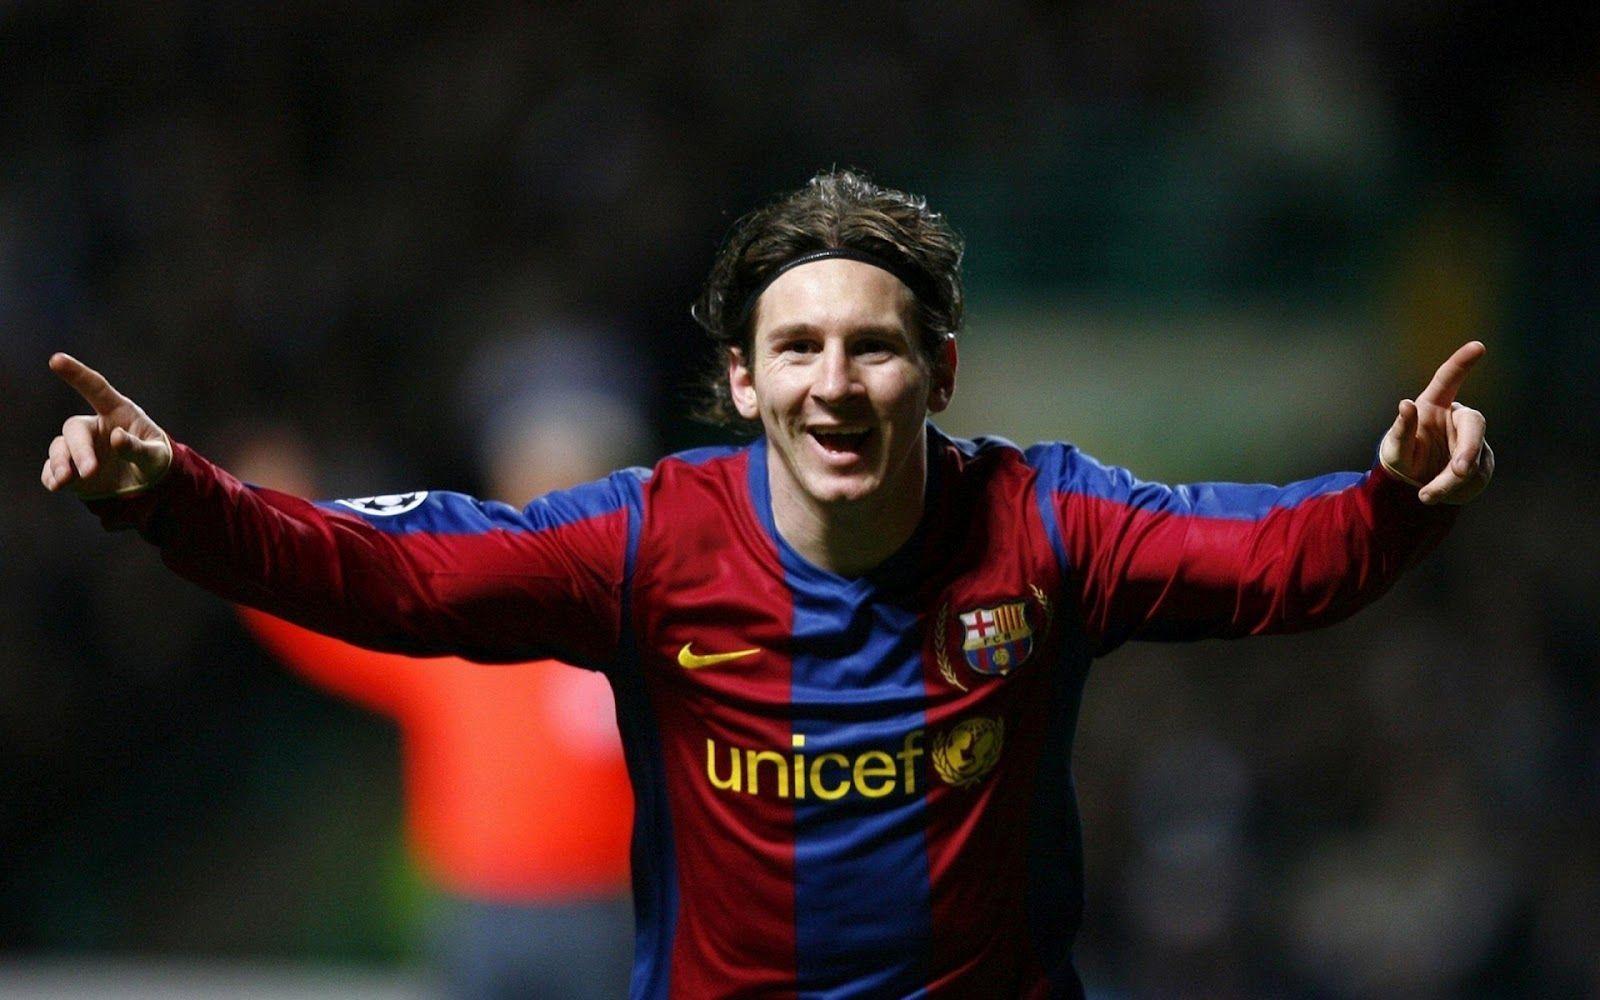 Messi hdwallpapers - Messi hd - Messi hd wallpapers lionel messi ...